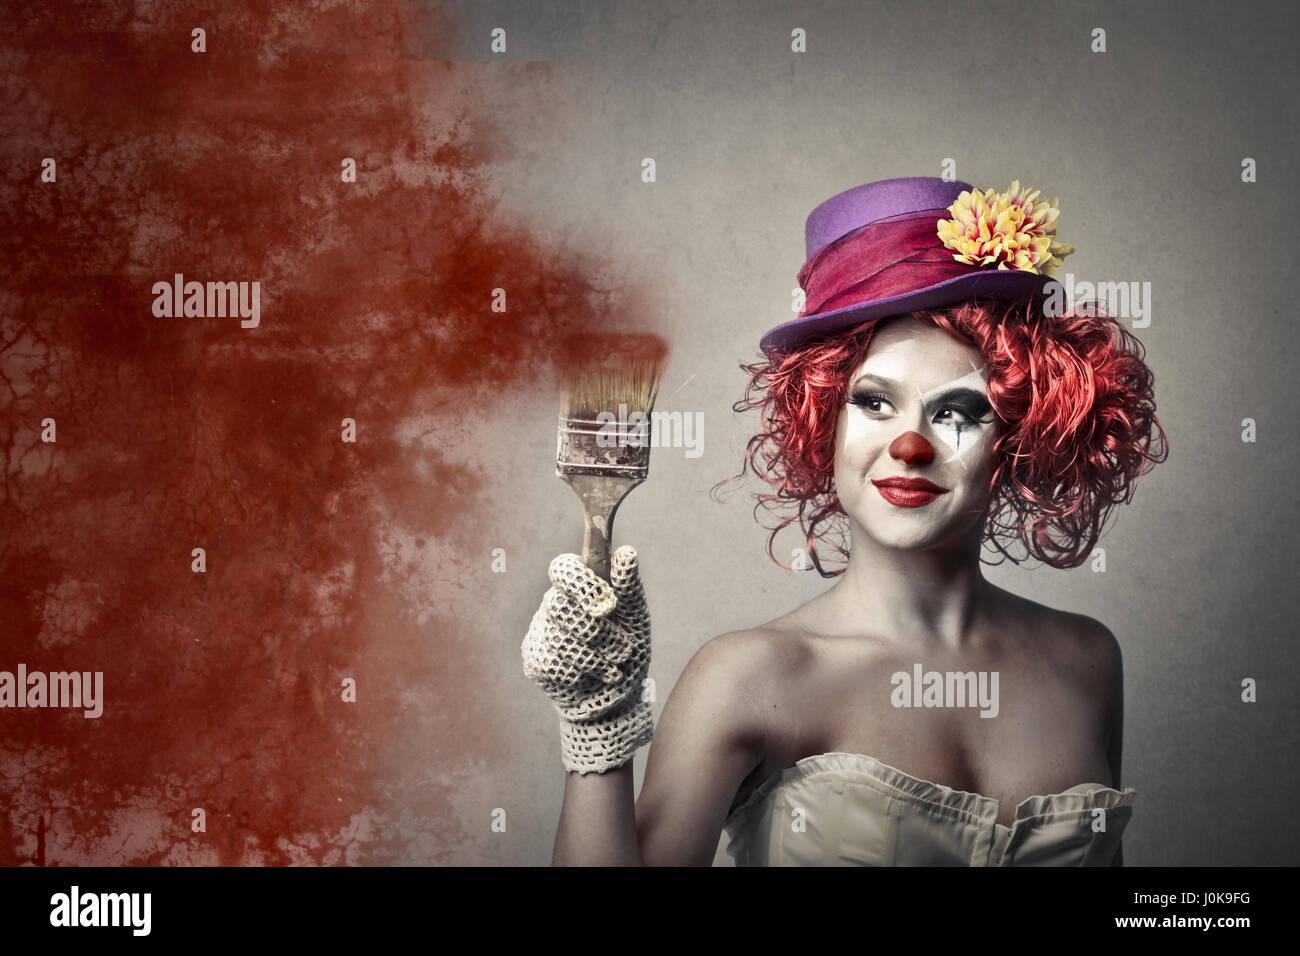 Clown donna con spazzola di vernice Immagini Stock